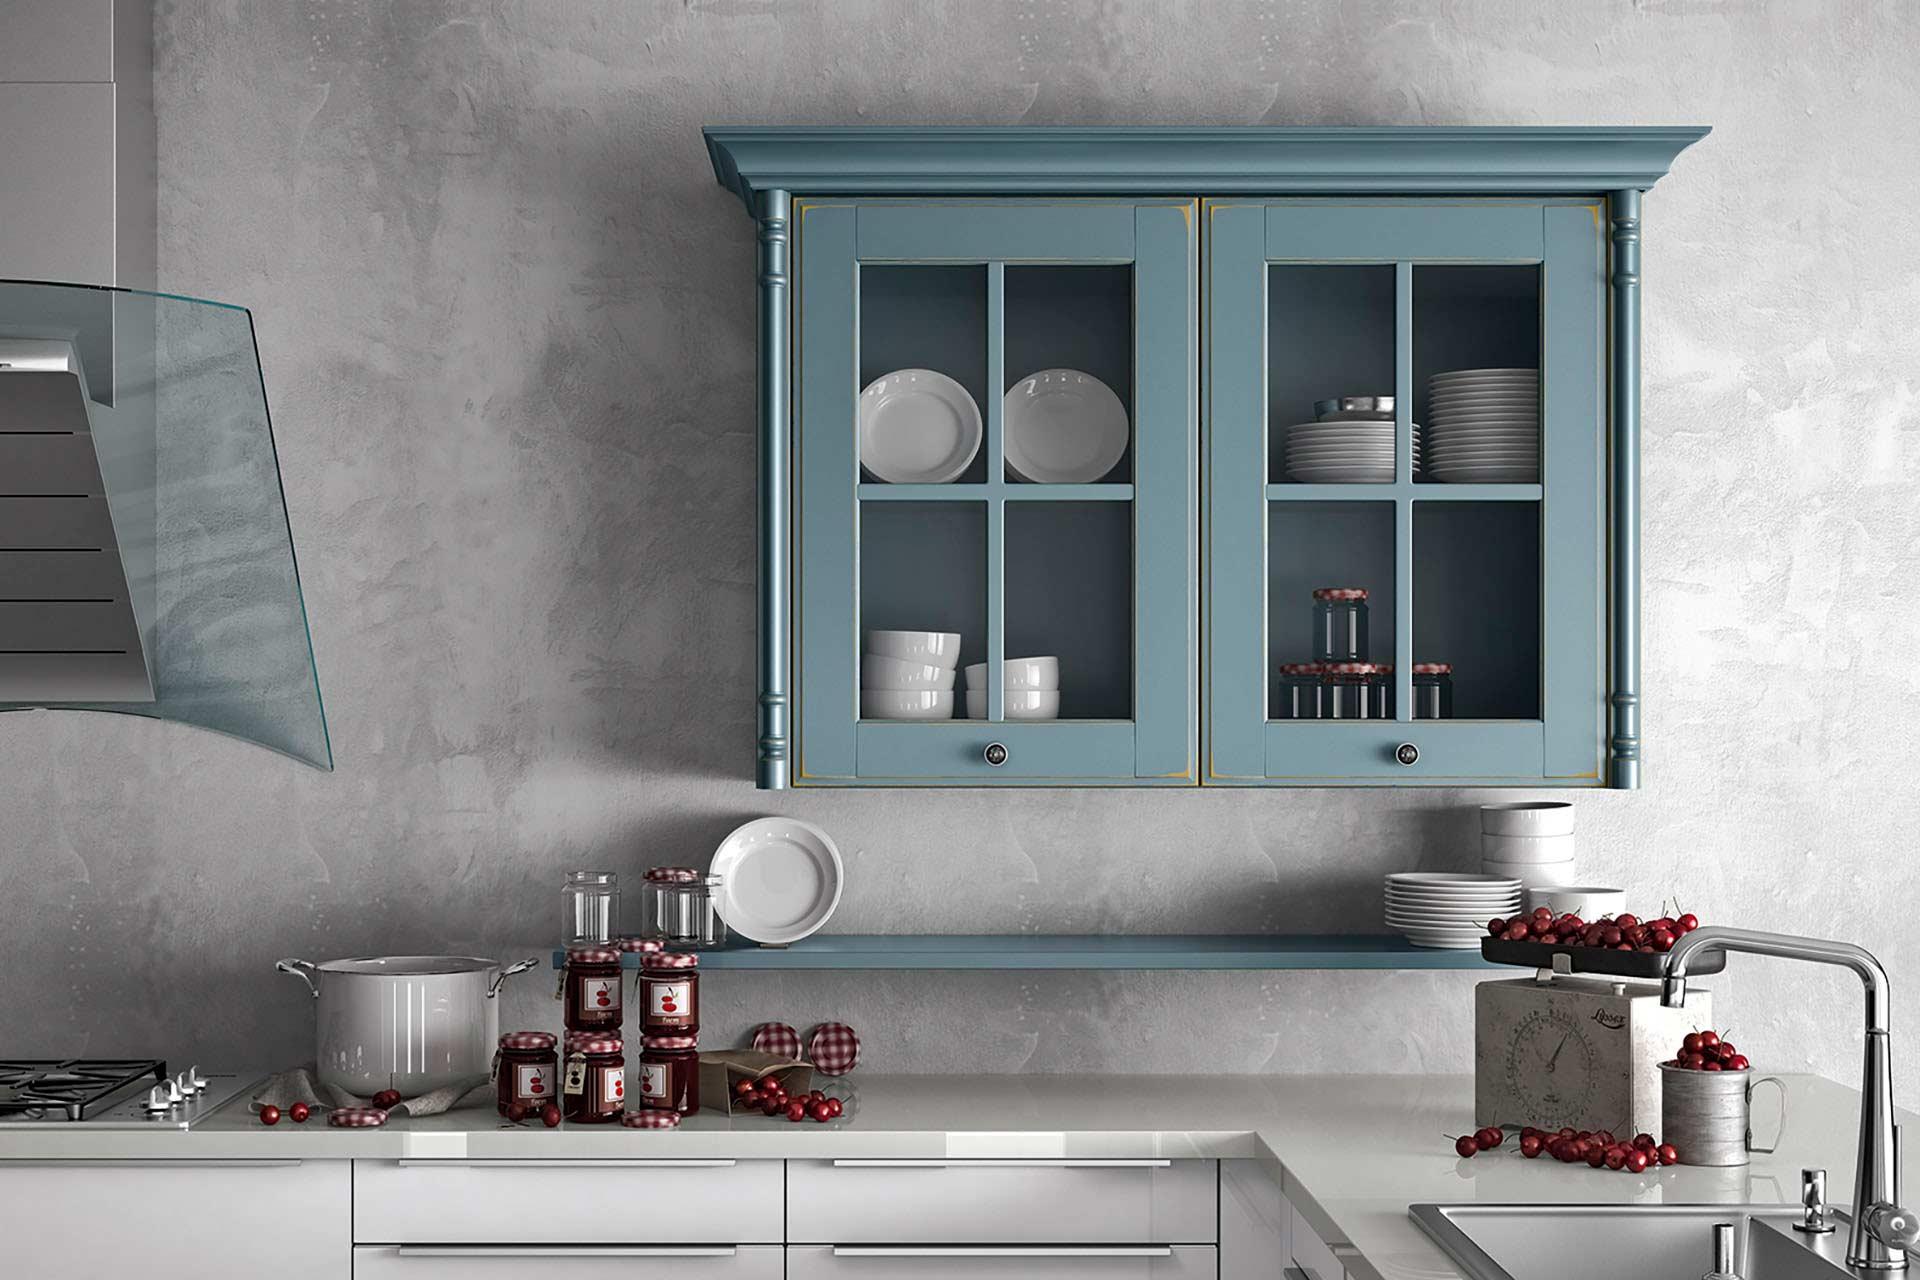 Hängeschrank Grau Küche. Küche Türkis Kleine Mehr Arbeitsfläche ...